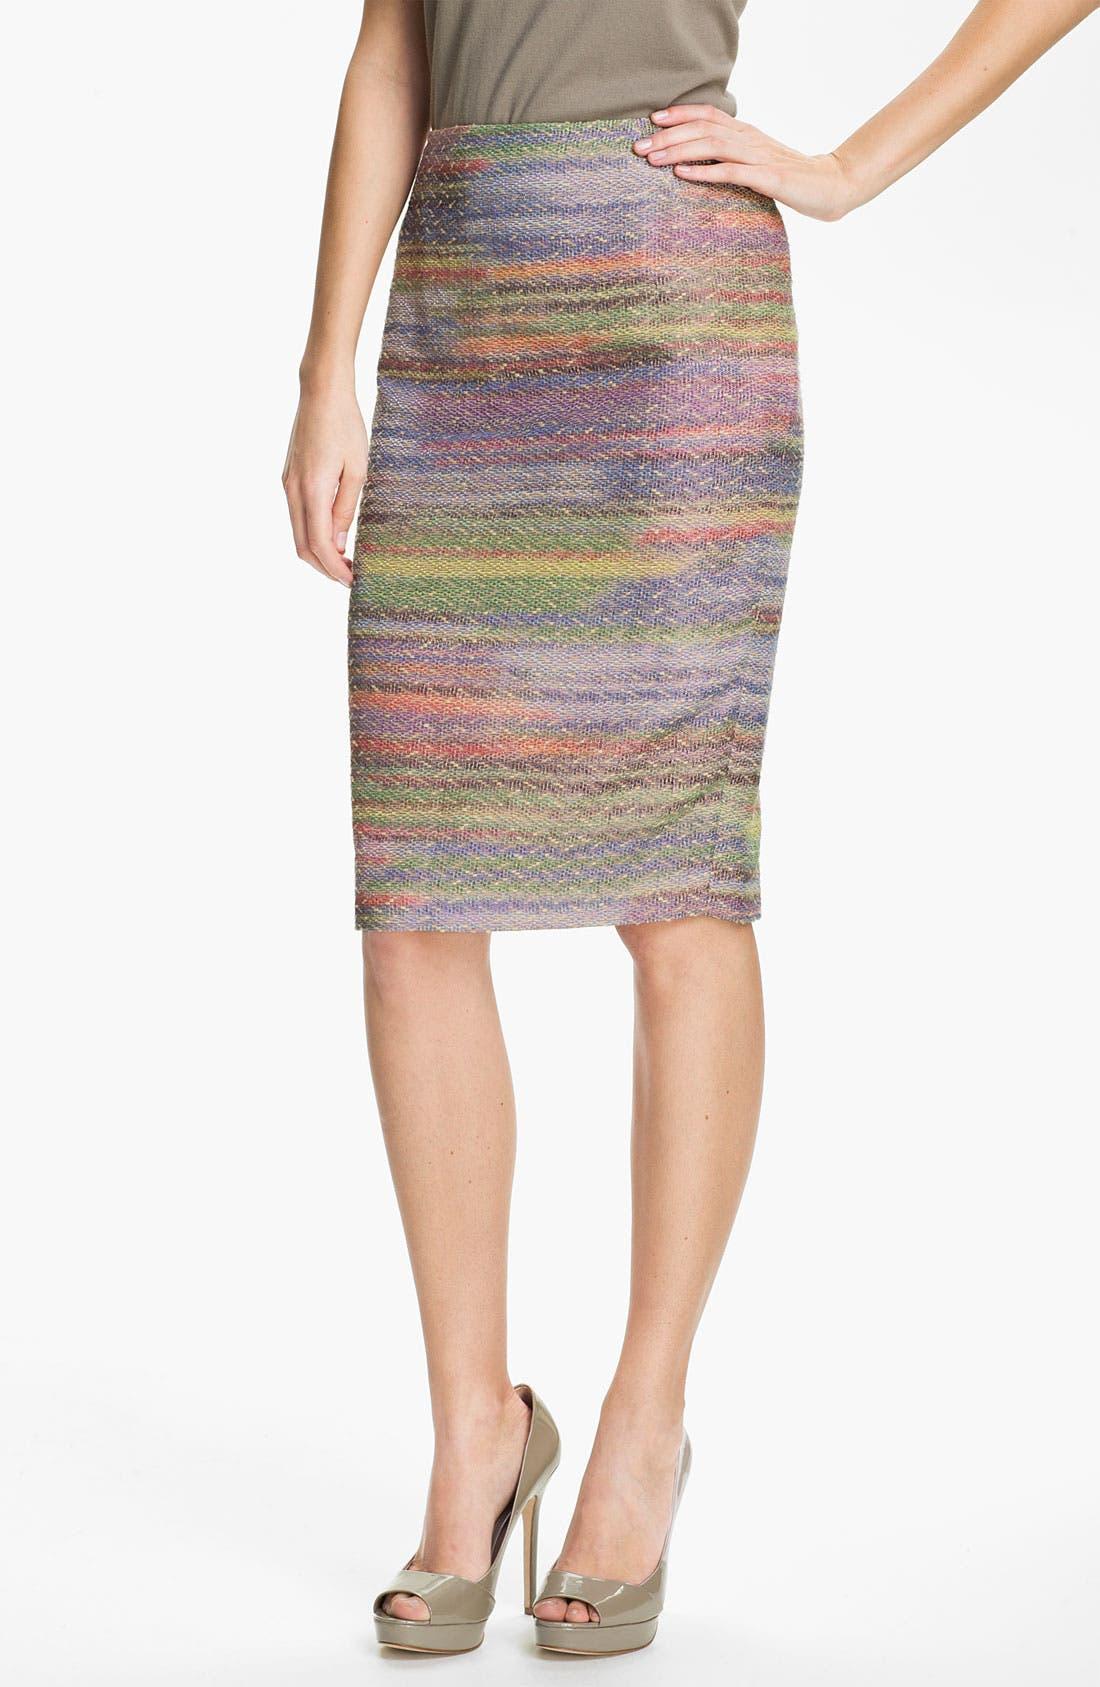 Alternate Image 1 Selected - Lafayette 148 New York 'Fete Novelty' Slim Skirt